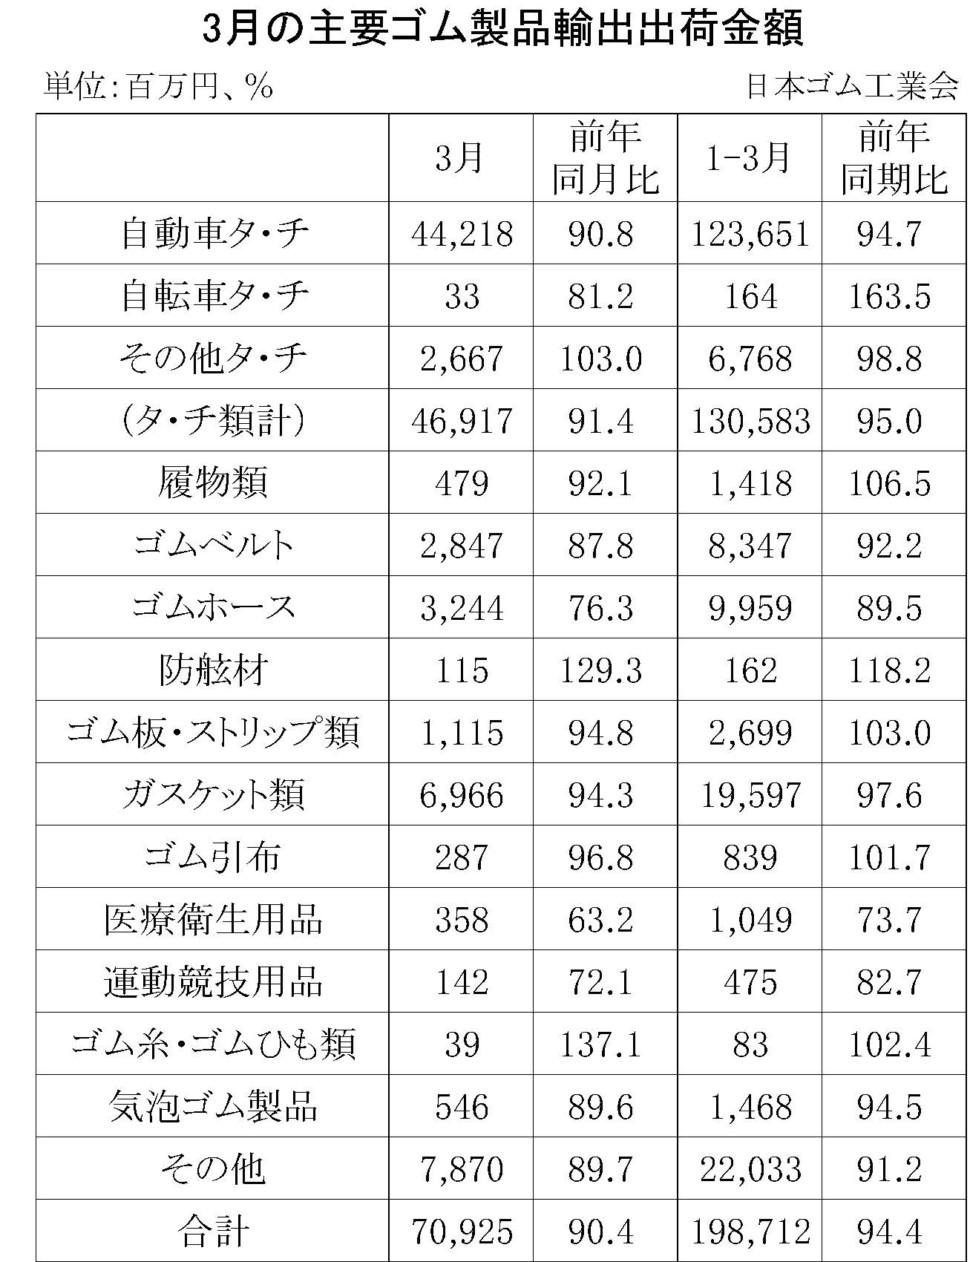 3月のゴム製品輸出